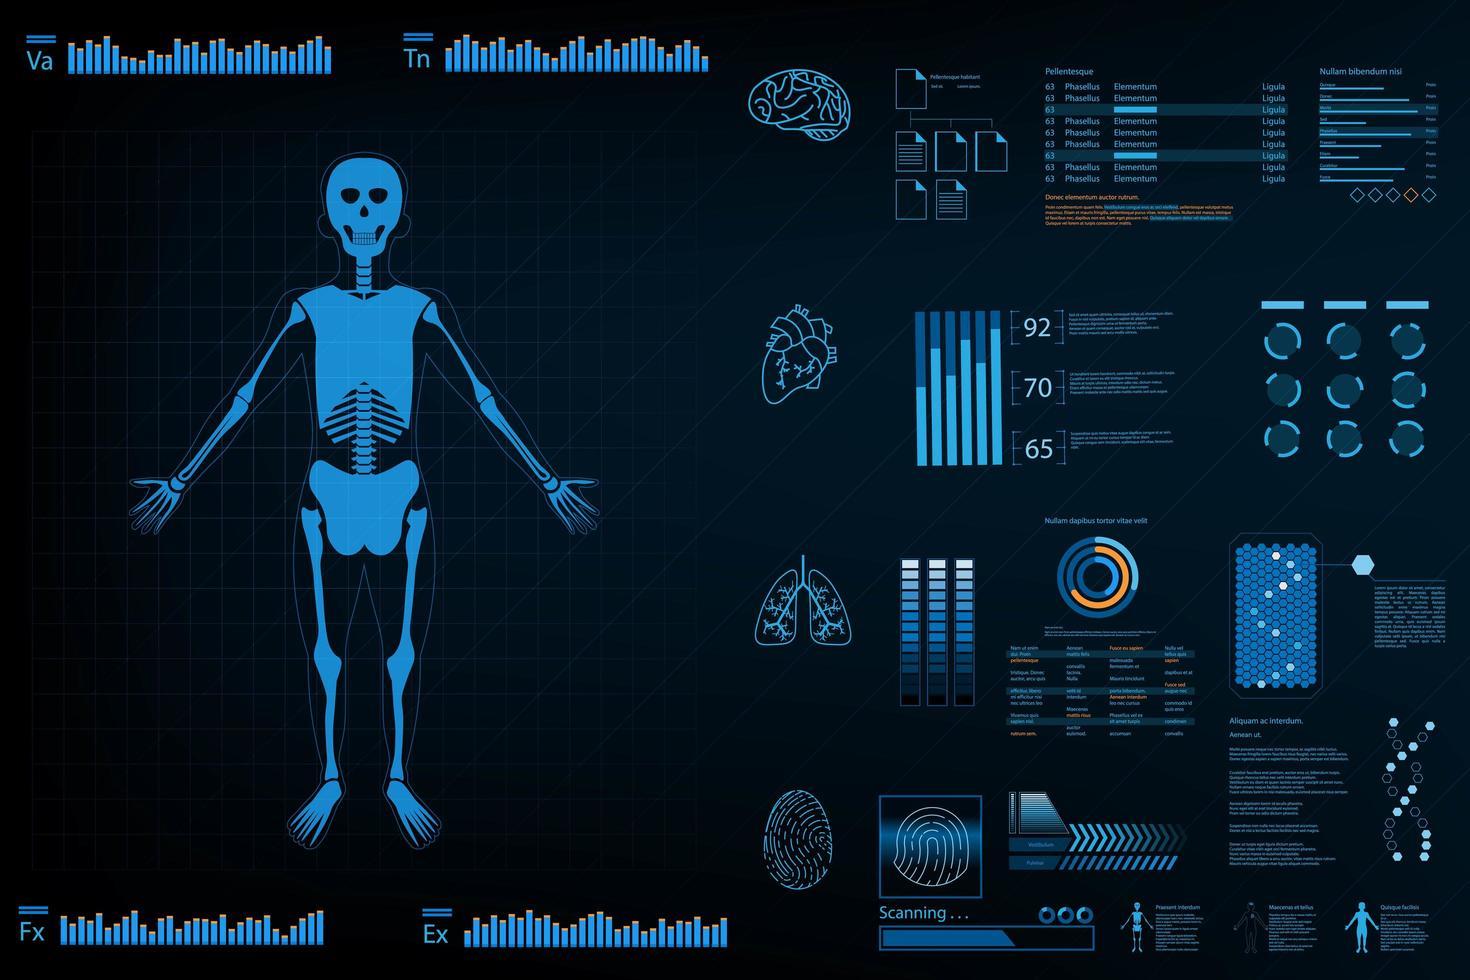 Diseño de análisis futurista con esqueleto, gráficos y tablas. vector